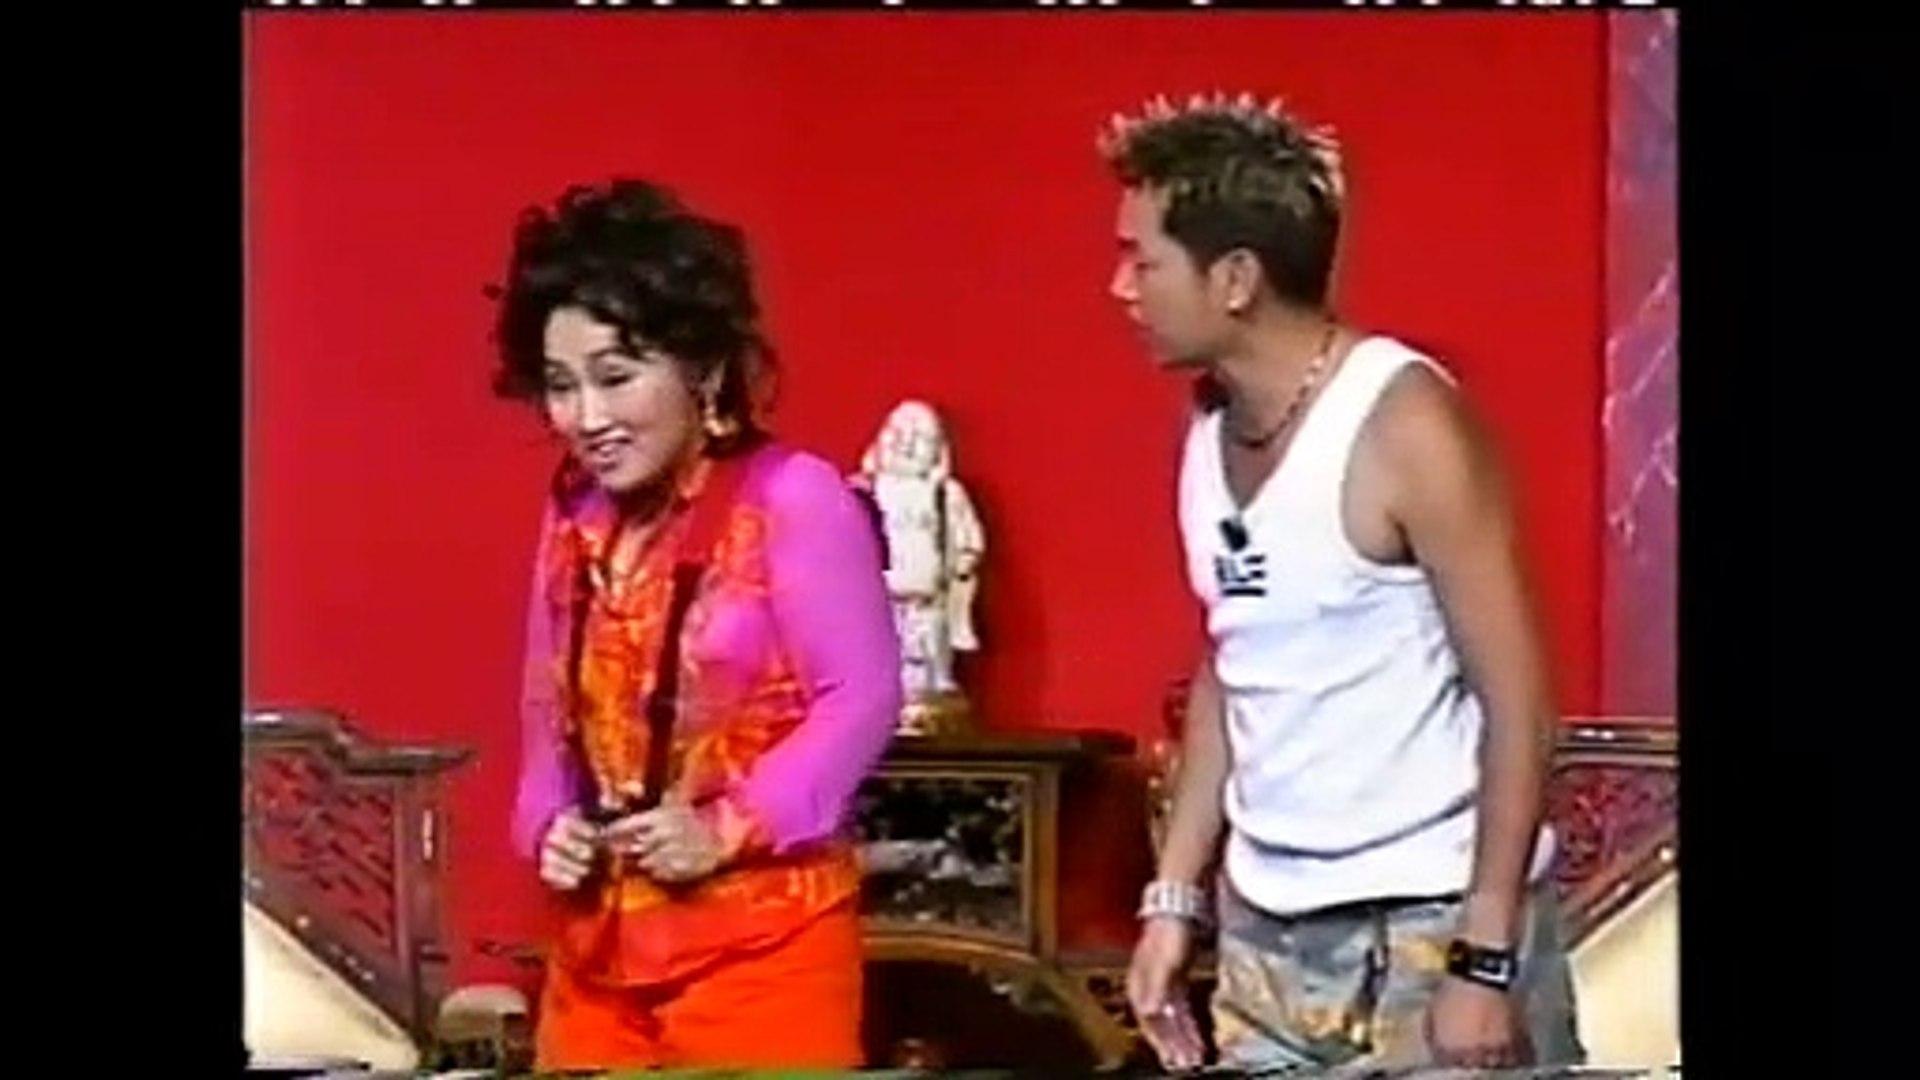 Video - Hài kịch TÌNH KHÔNG BIÊN GIỚI (Quang Minh - Hồng Đào - Chí Tài - Trang Thanh Lan)